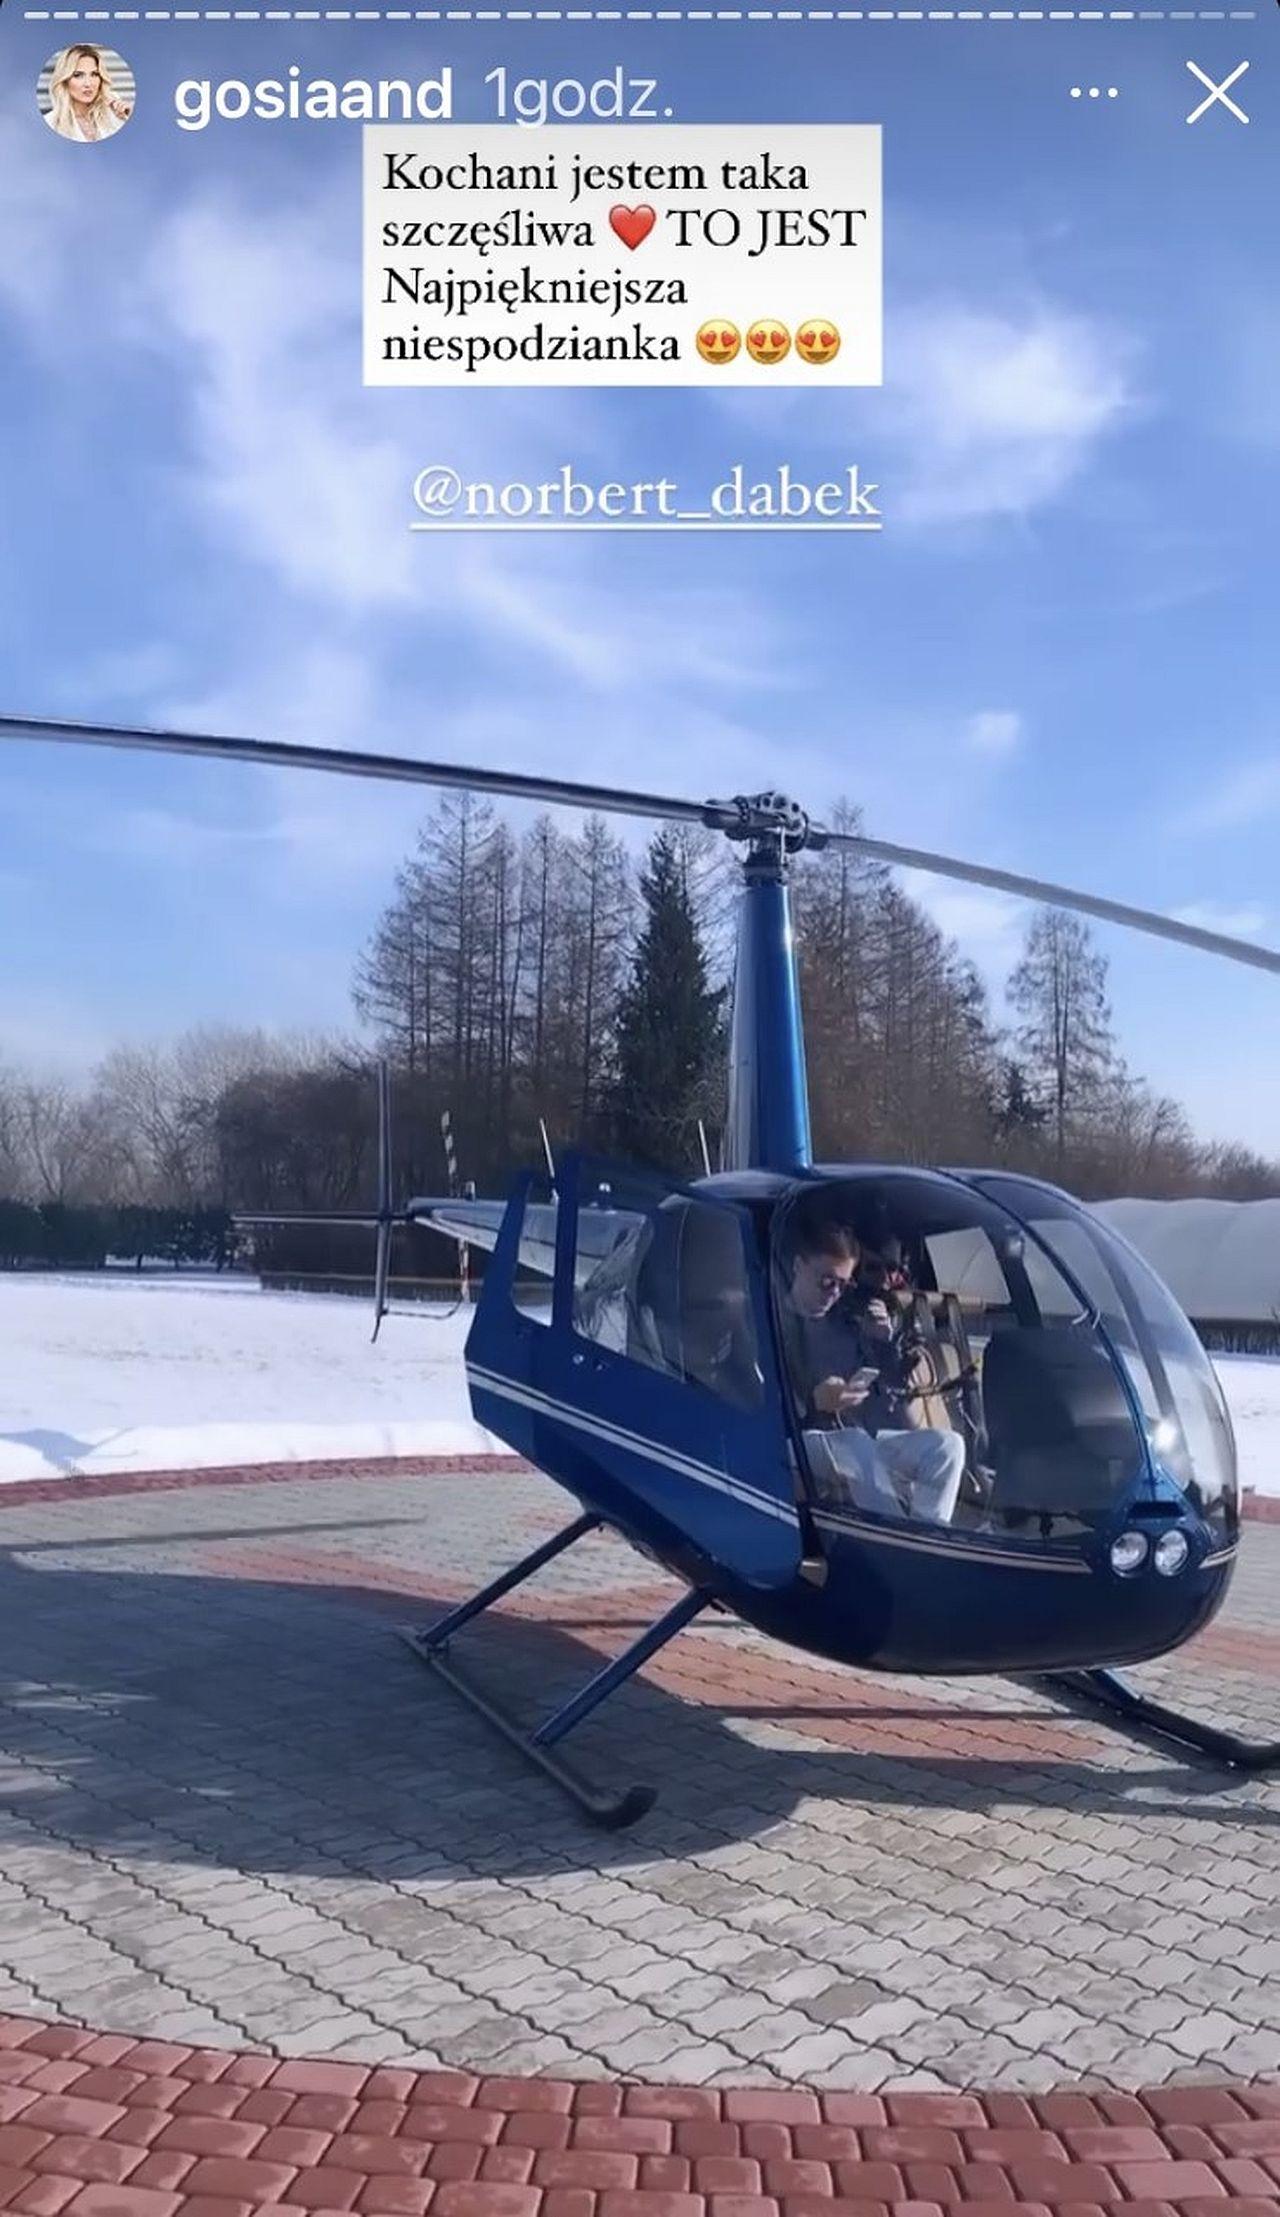 Norbert Dąbek zabrał Gosię Andrzejewicz na przelot helikopterem